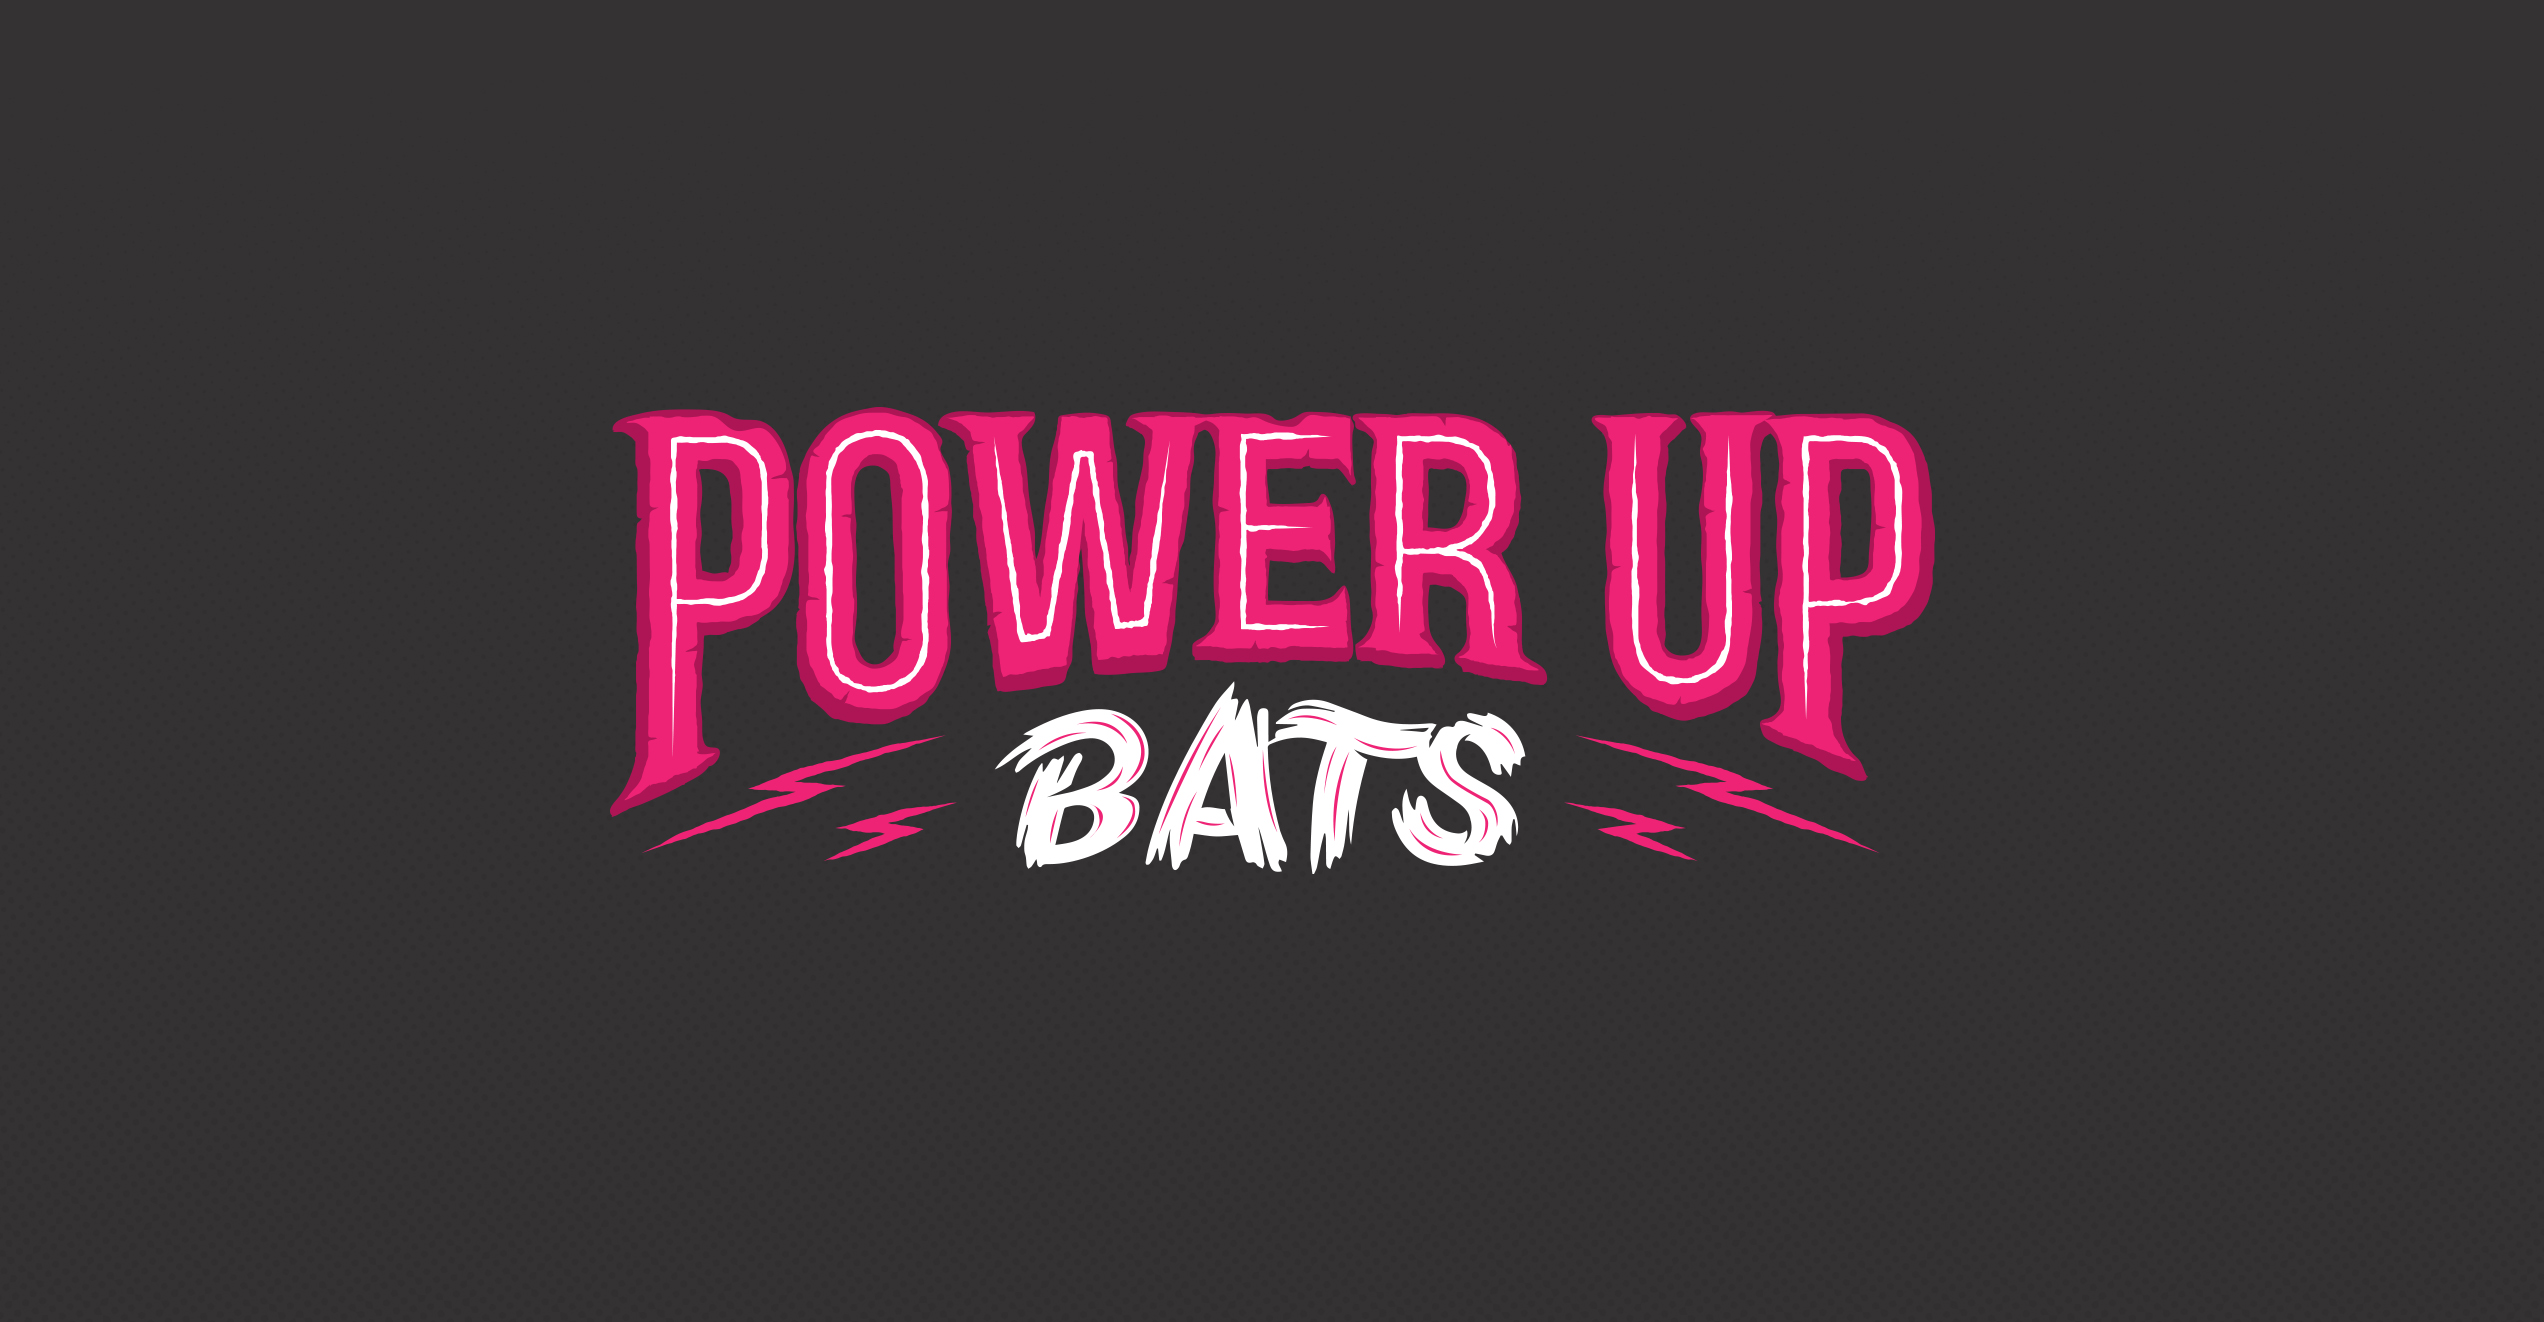 powerup_bats_hero.jpg